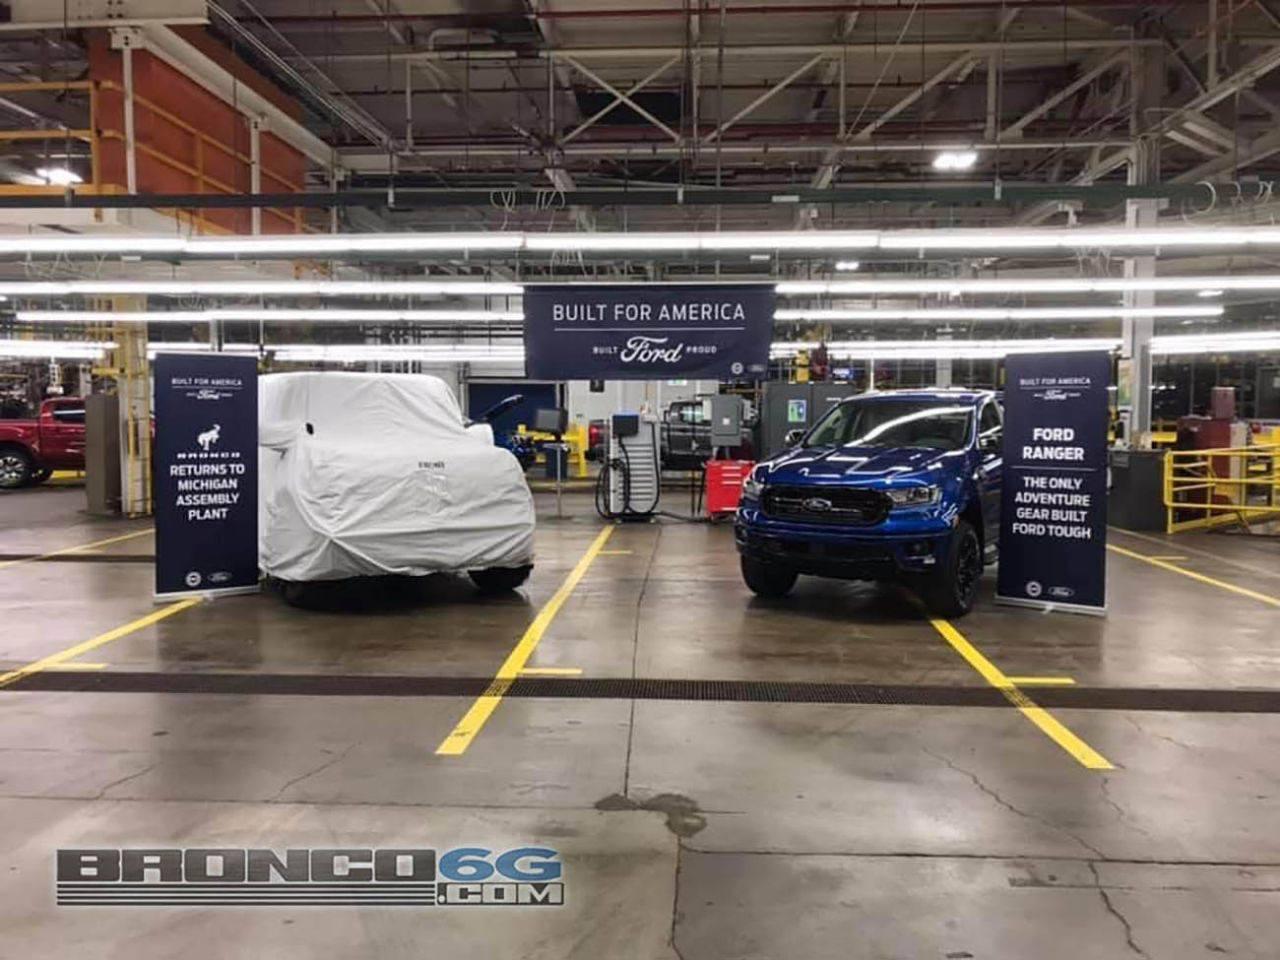 Ford adelanta la producción del Bronco mostrándolo tapado en la factoría